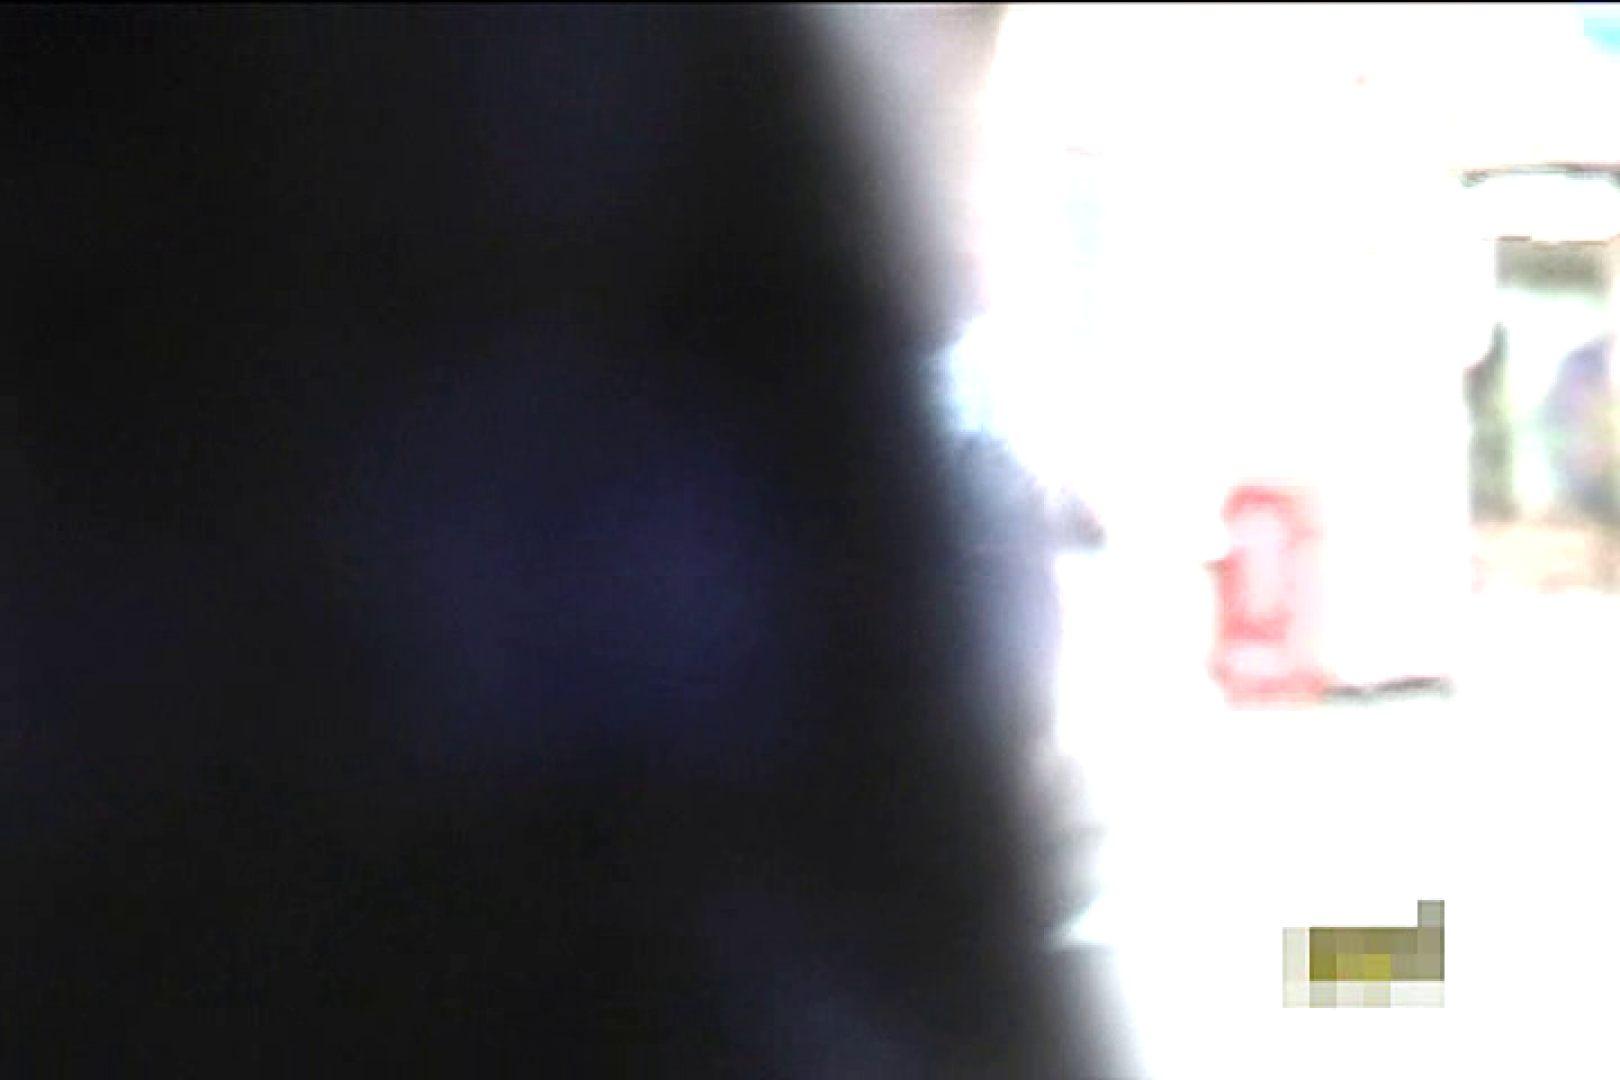 マンチラインパクトVol.11 チラ見え画像 ワレメ動画紹介 96連発 91